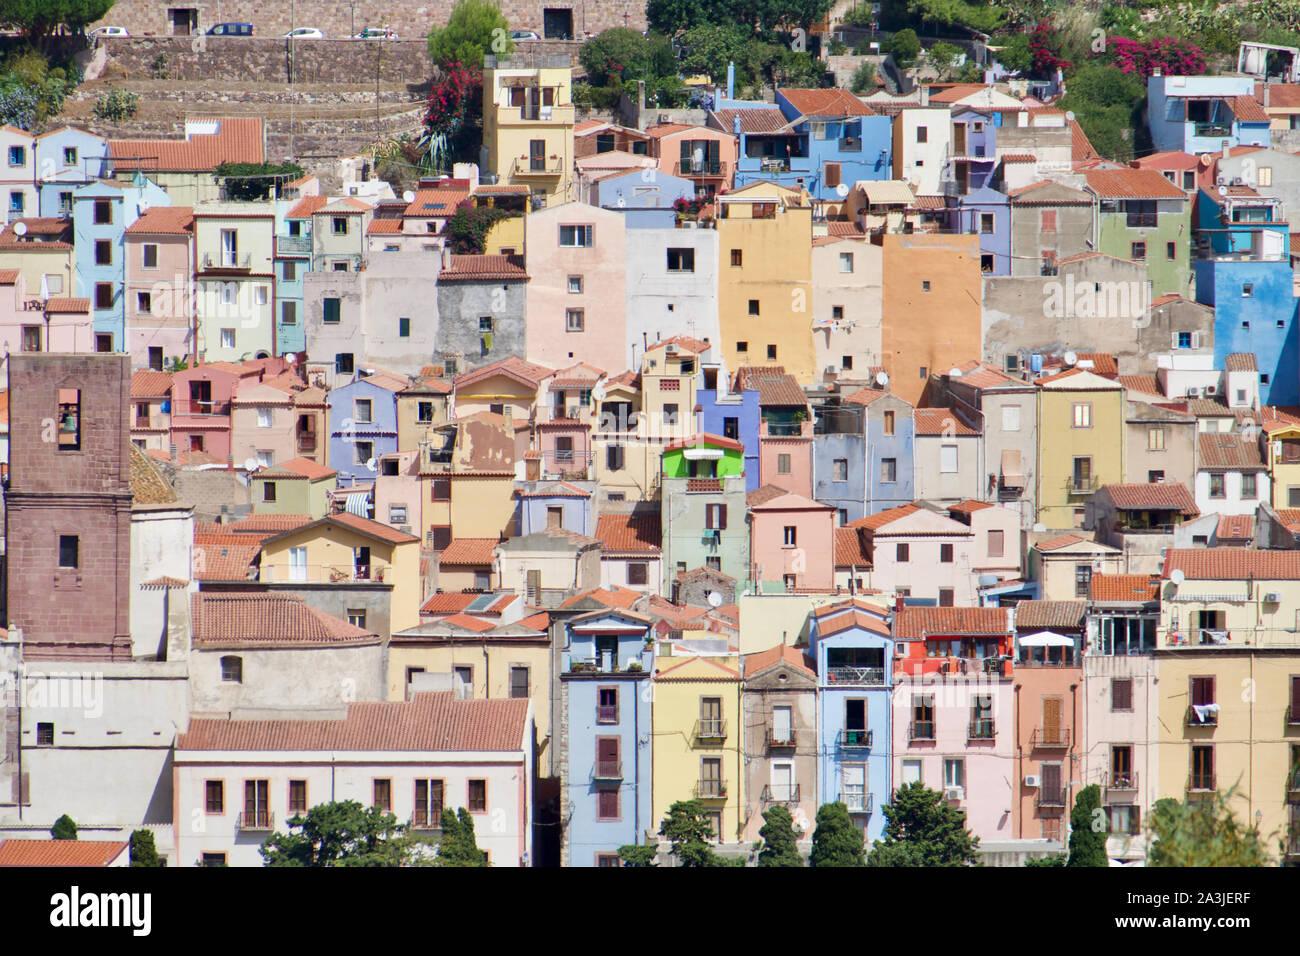 Coloridas casas en Bosa, Cerdeña, Italia. El paisaje en Oristano. Foto de stock